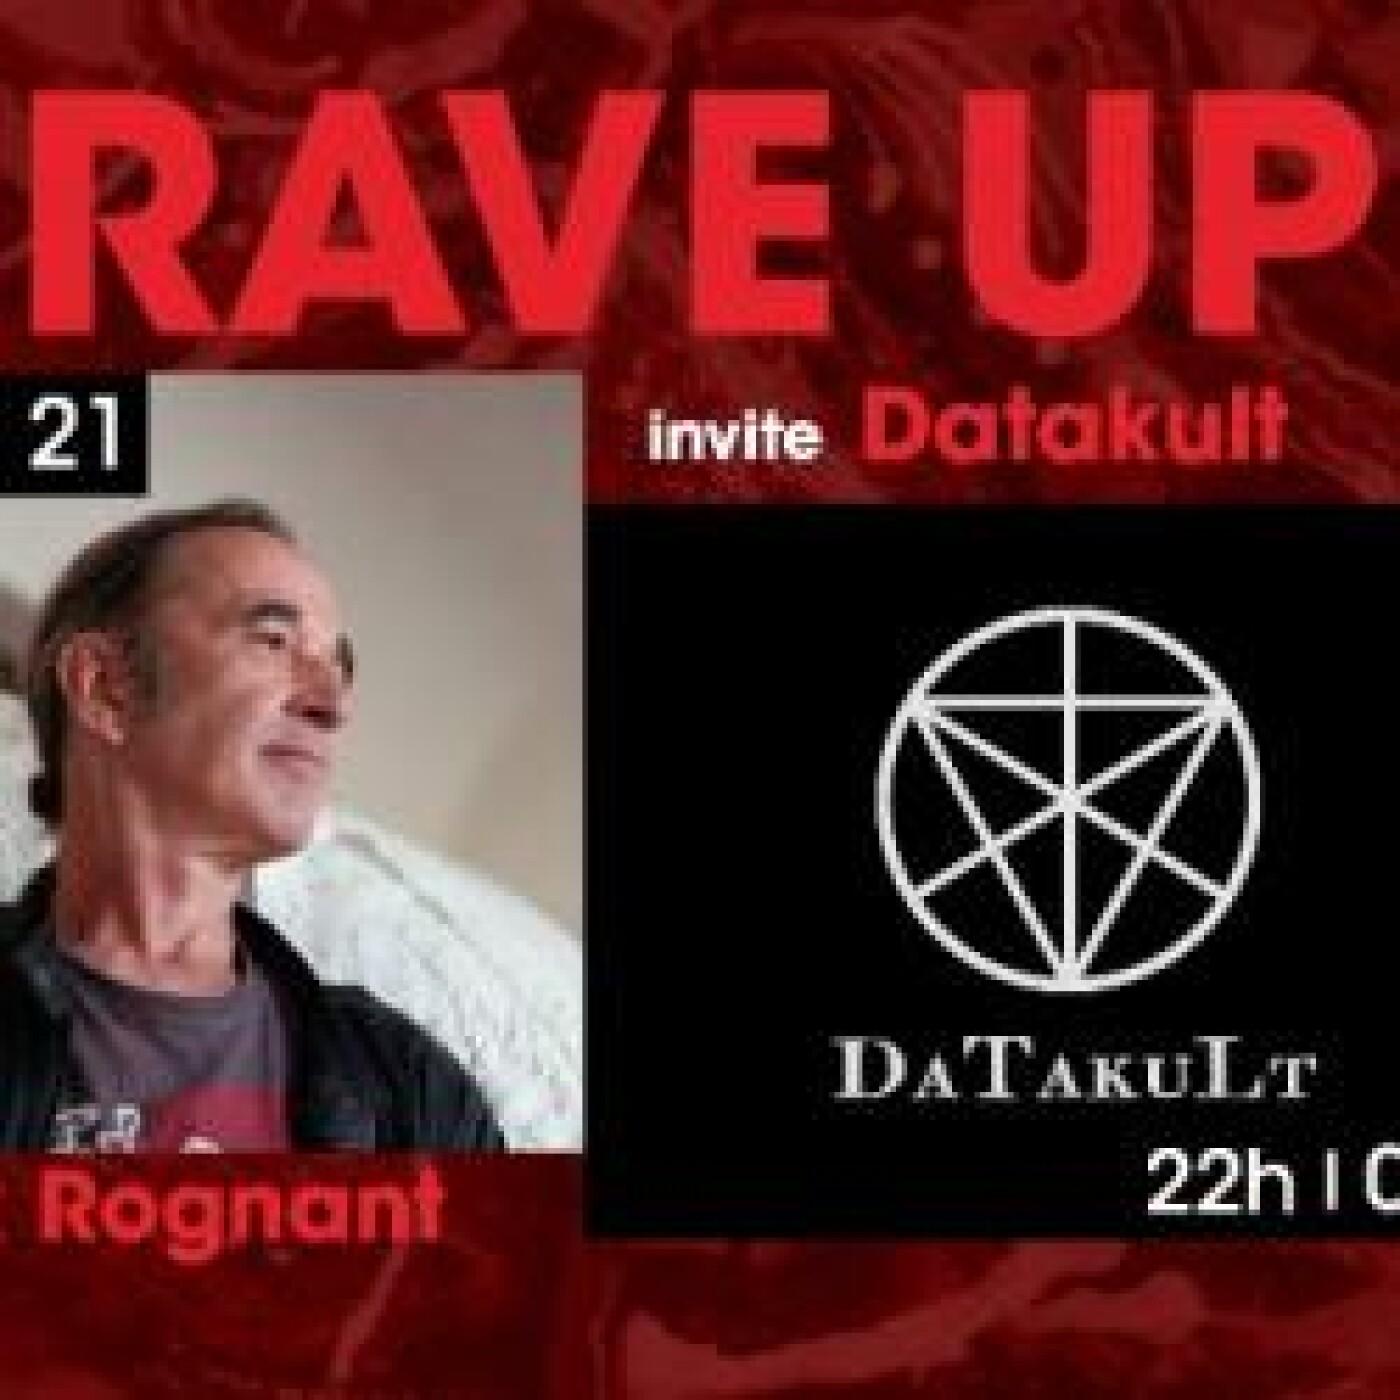 RAVE UP : DATAKULT